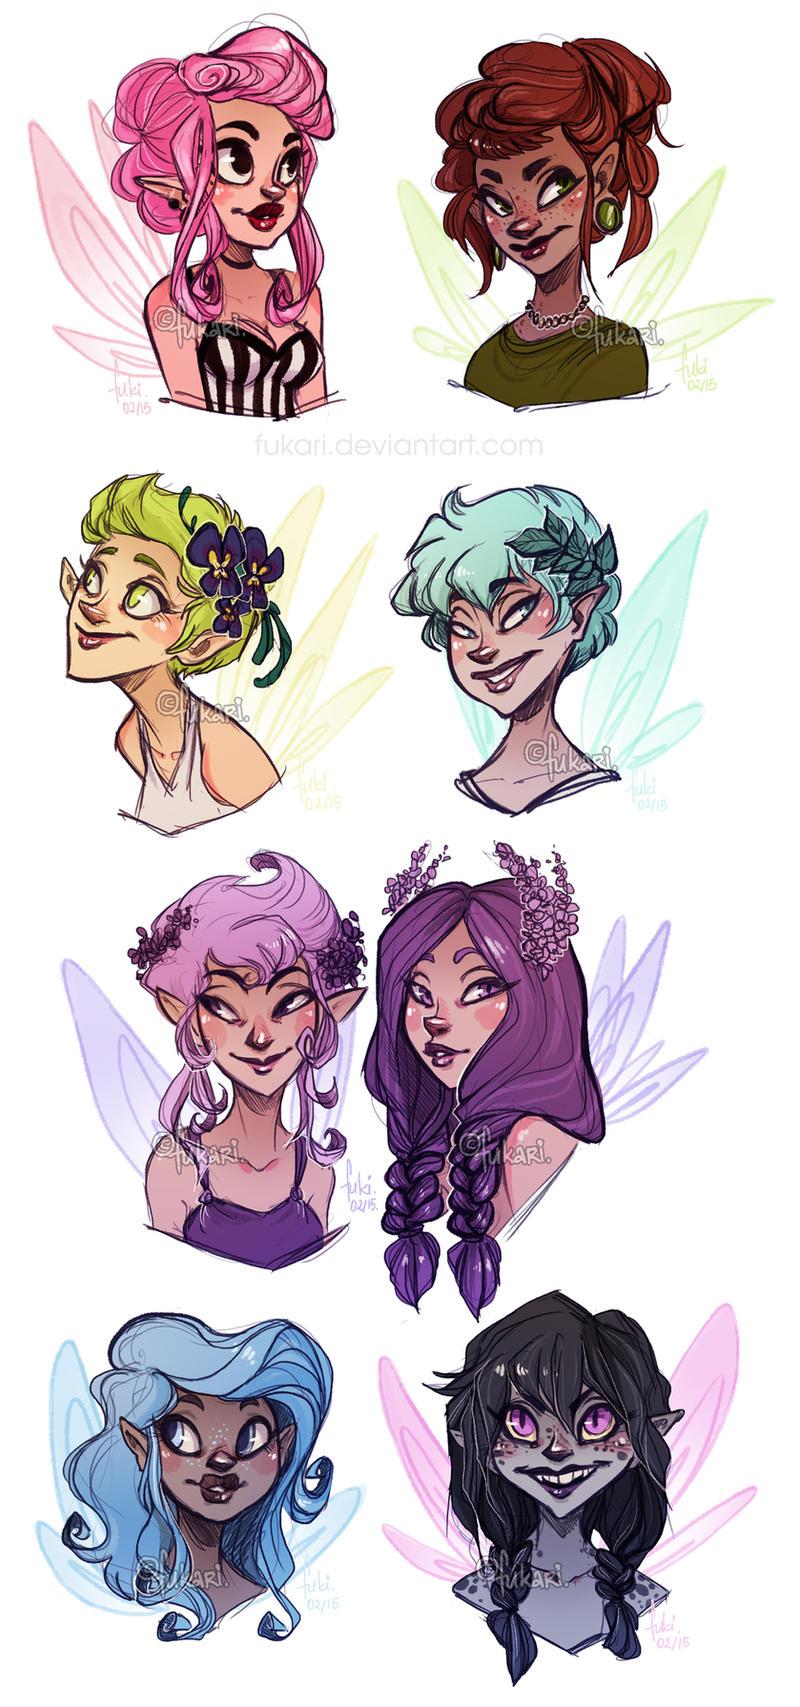 fairies adoptable open by fuki adopts on deviantart